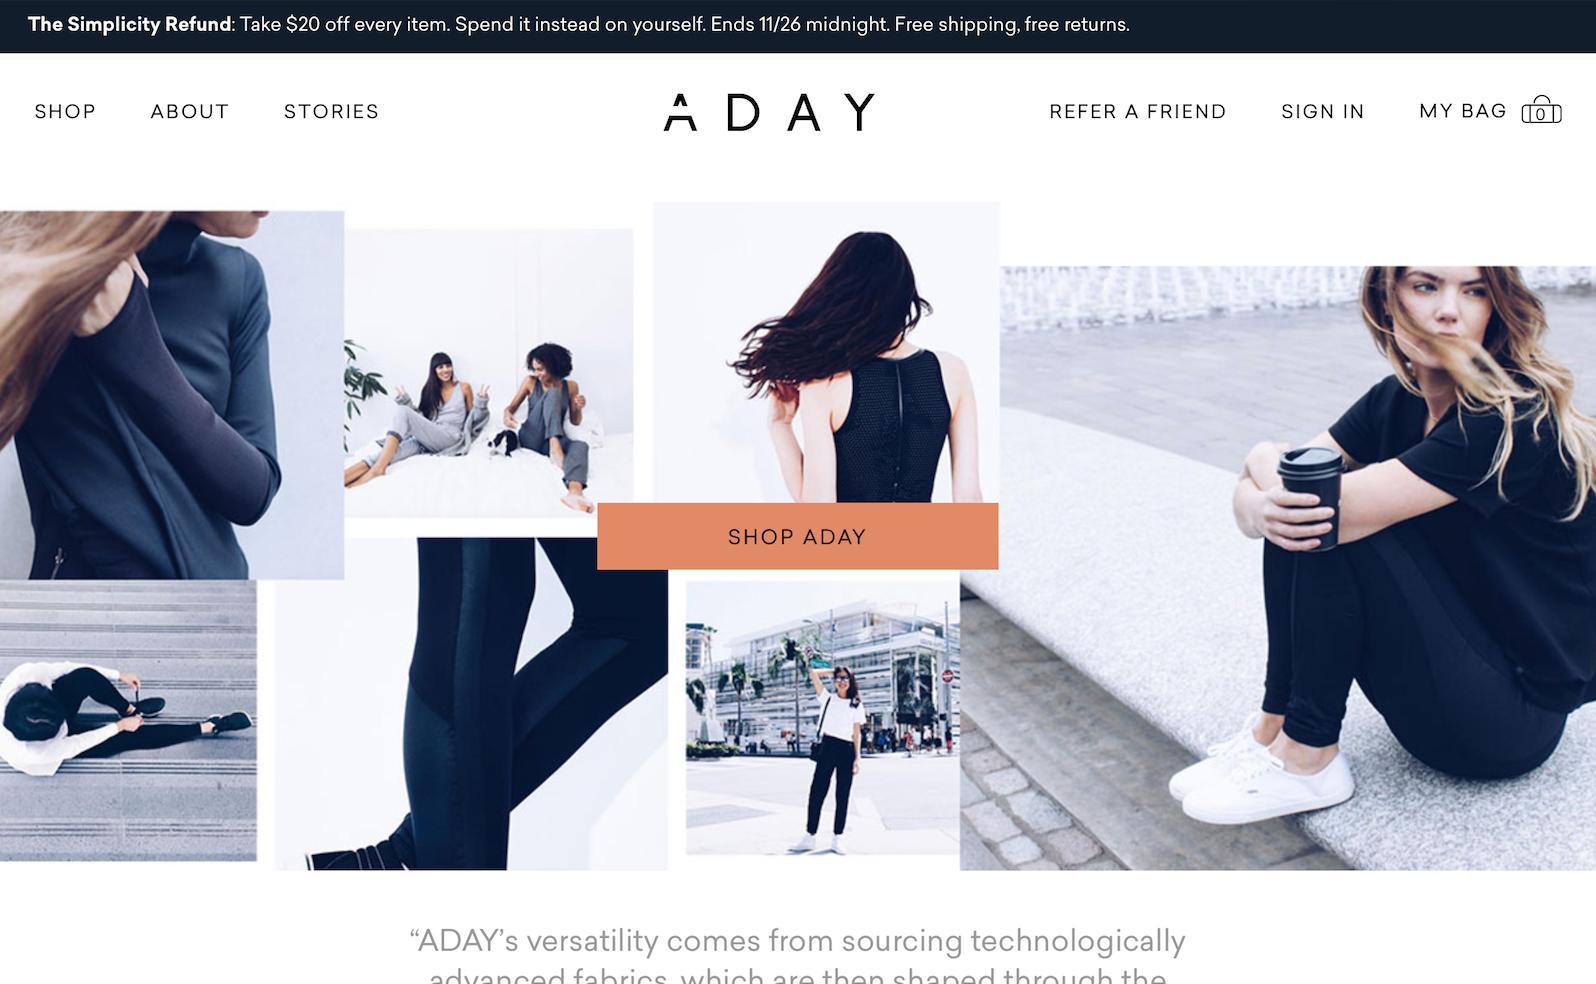 新锐互联网女装品牌 ADAY 完成200万美元融资,H&M 旗下风险投资部门领投